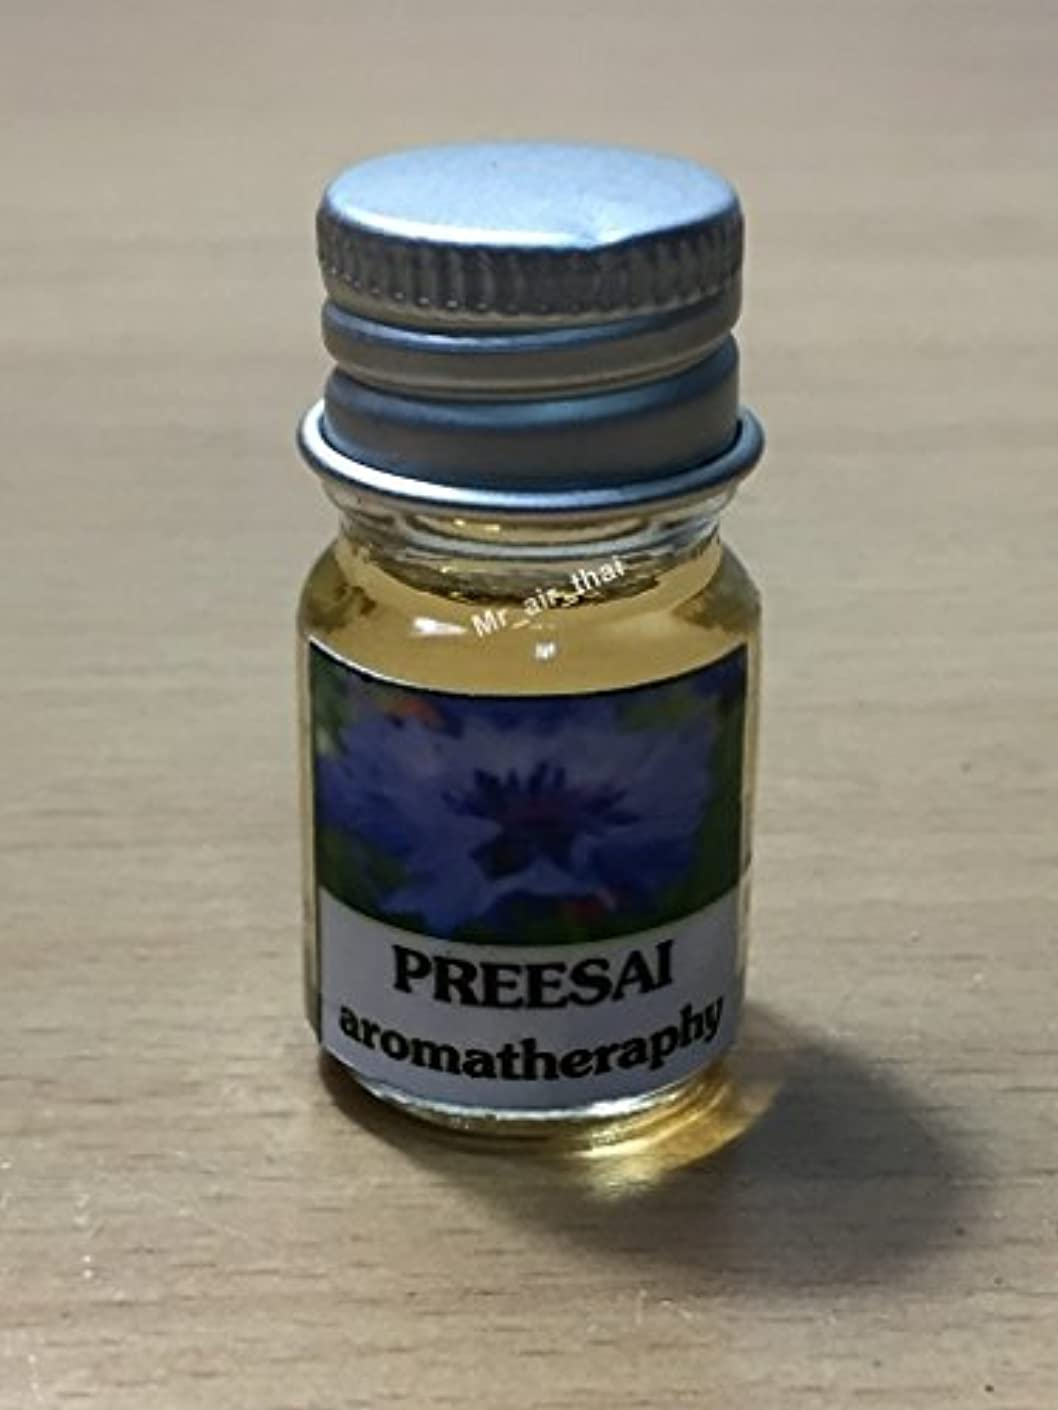 衛星ボーカルオート5ミリリットルアロマフリージアフランクインセンスエッセンシャルオイルボトルアロマテラピーオイル自然自然5ml Aroma freesia Frankincense Essential Oil Bottles Aromatherapy...